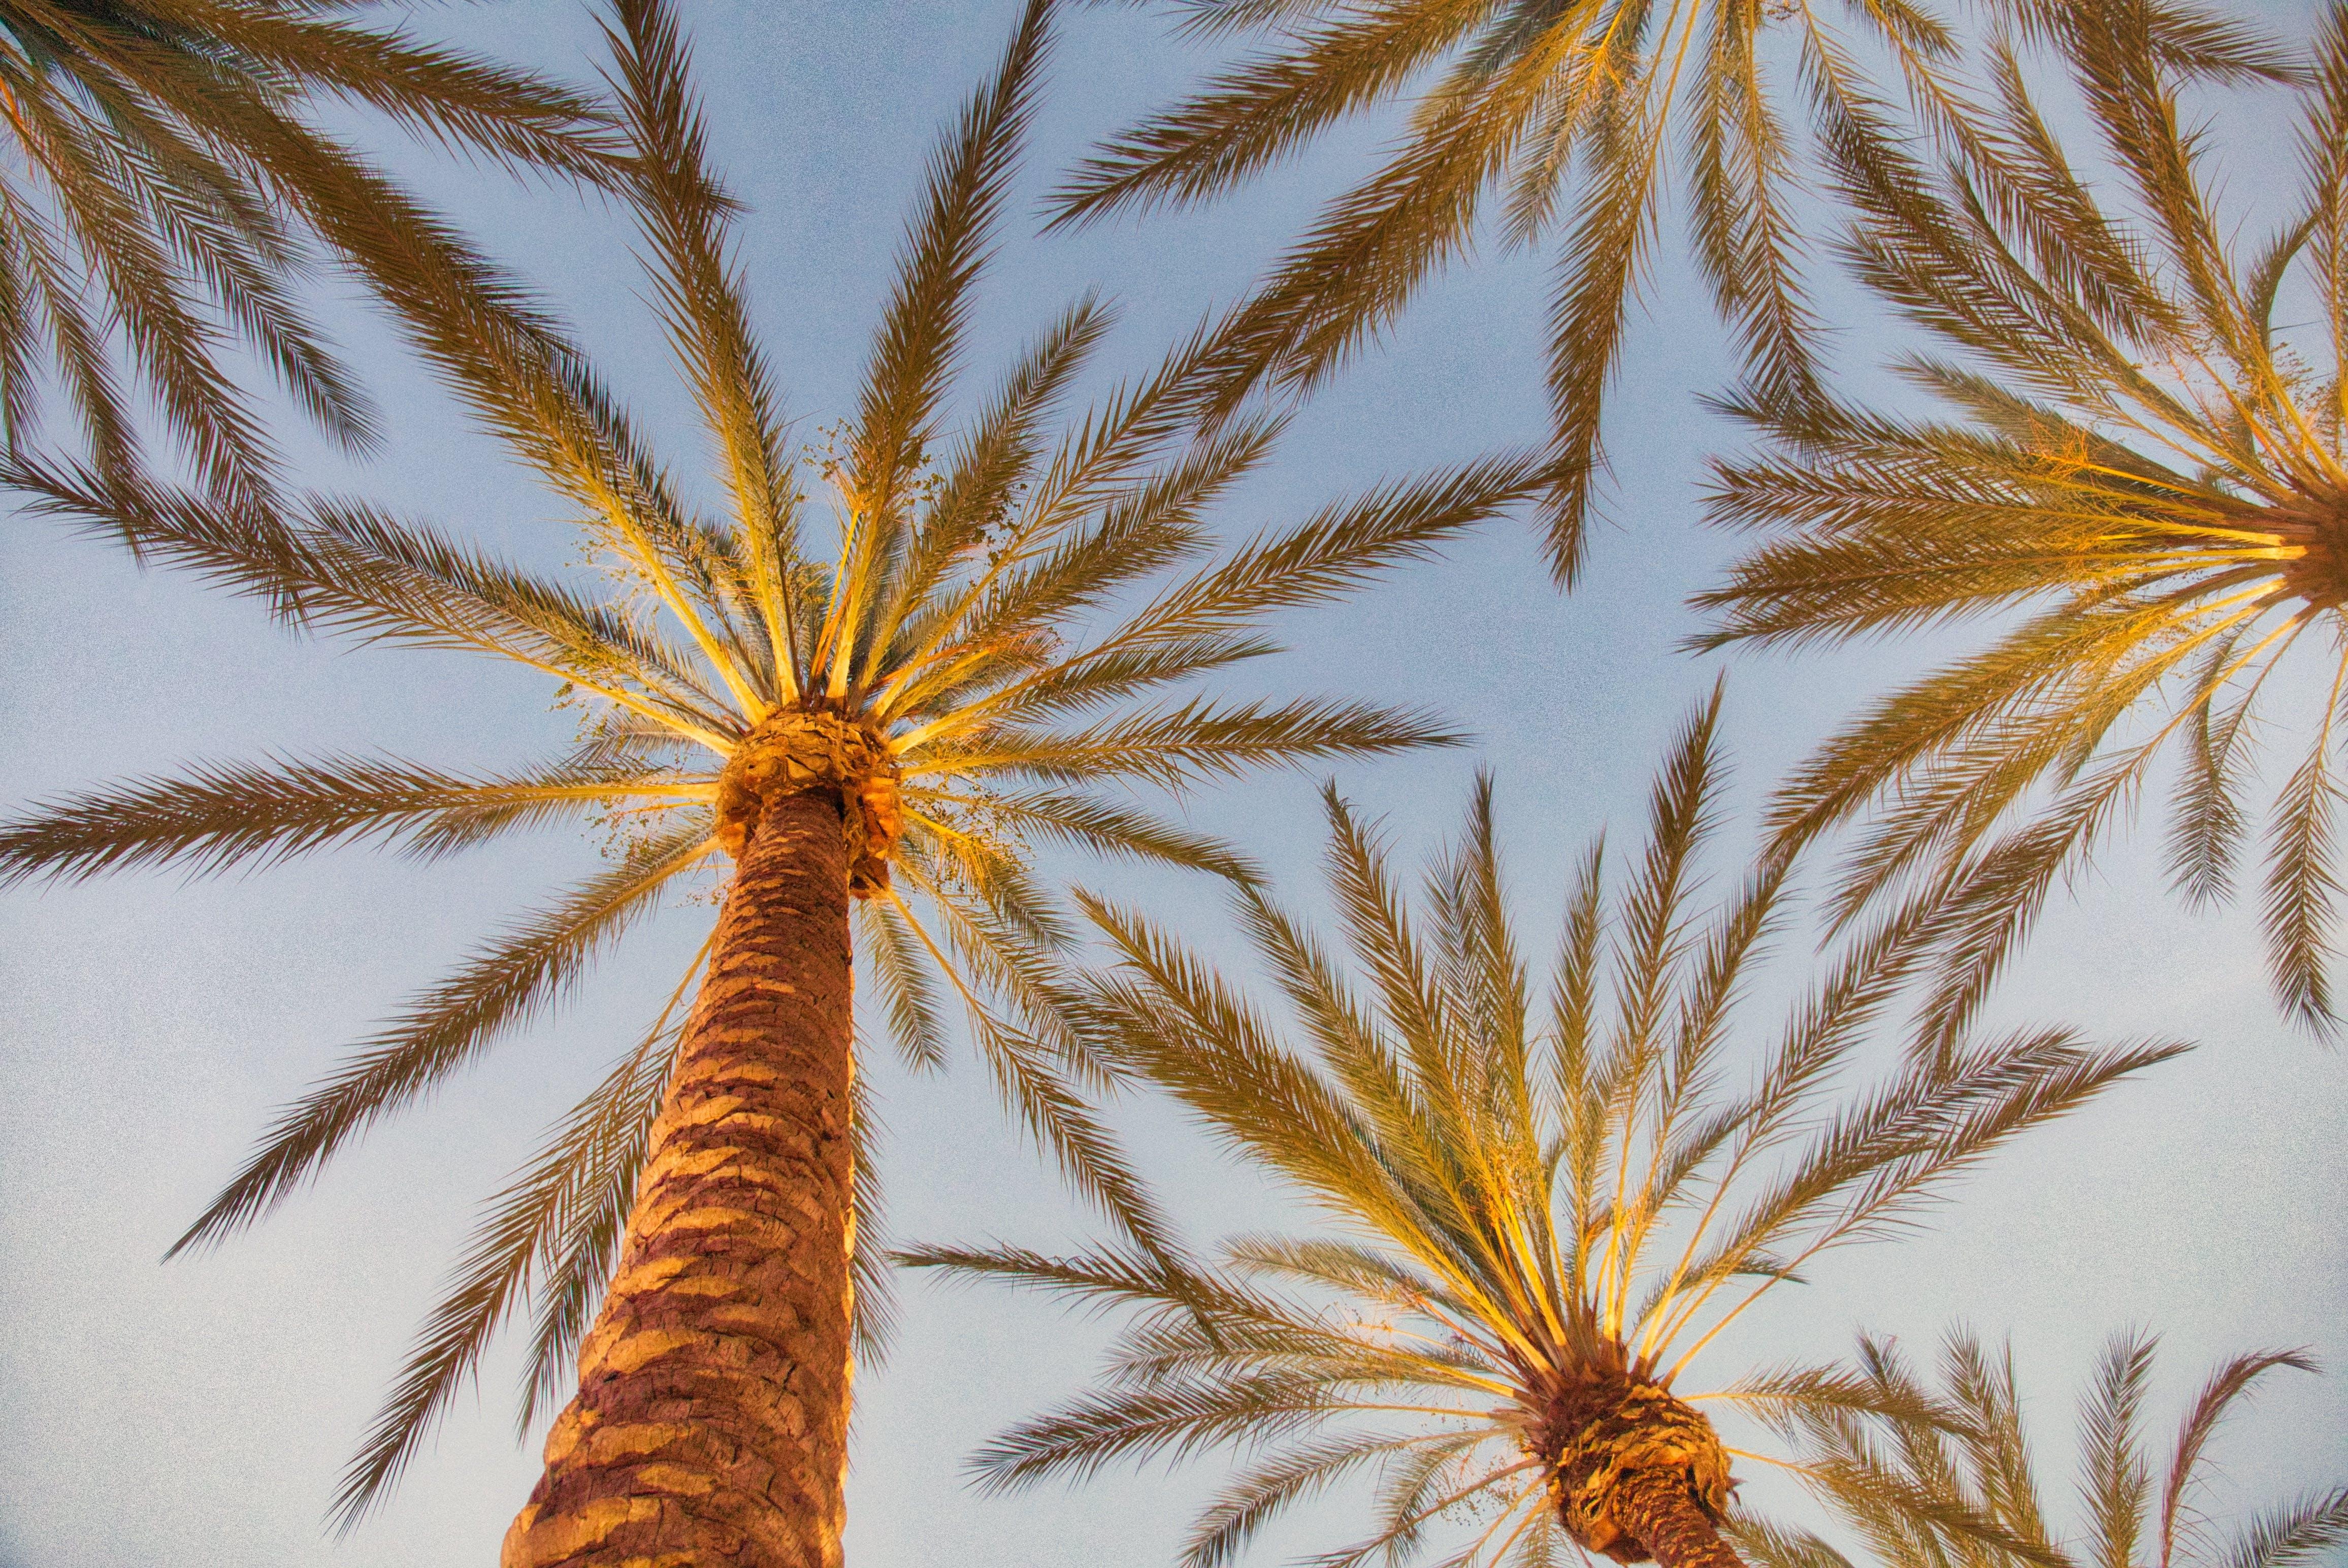 zu aufnahme von unten, bäume, irvine spektrum, perspektive